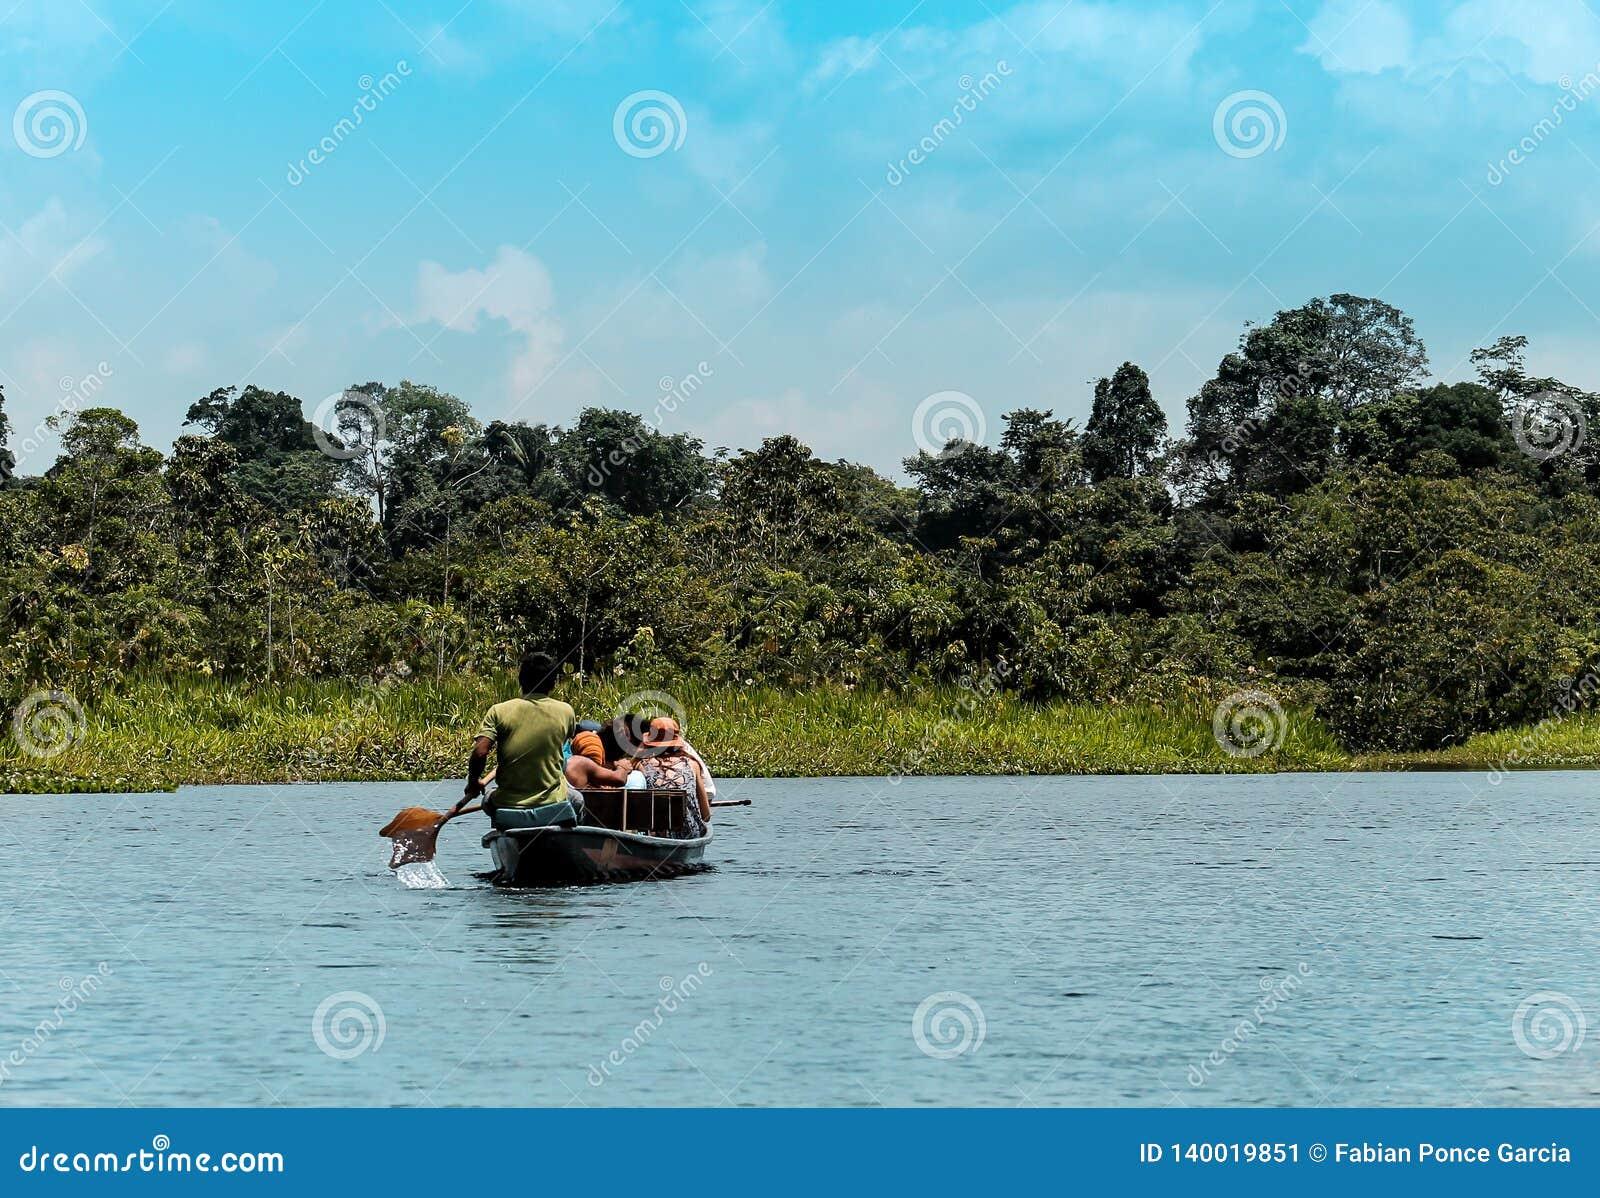 Σκηνή ποταμών στο Αμαζόνιο του Ισημερινού στη μέση της φυλλώδους βλάστησης